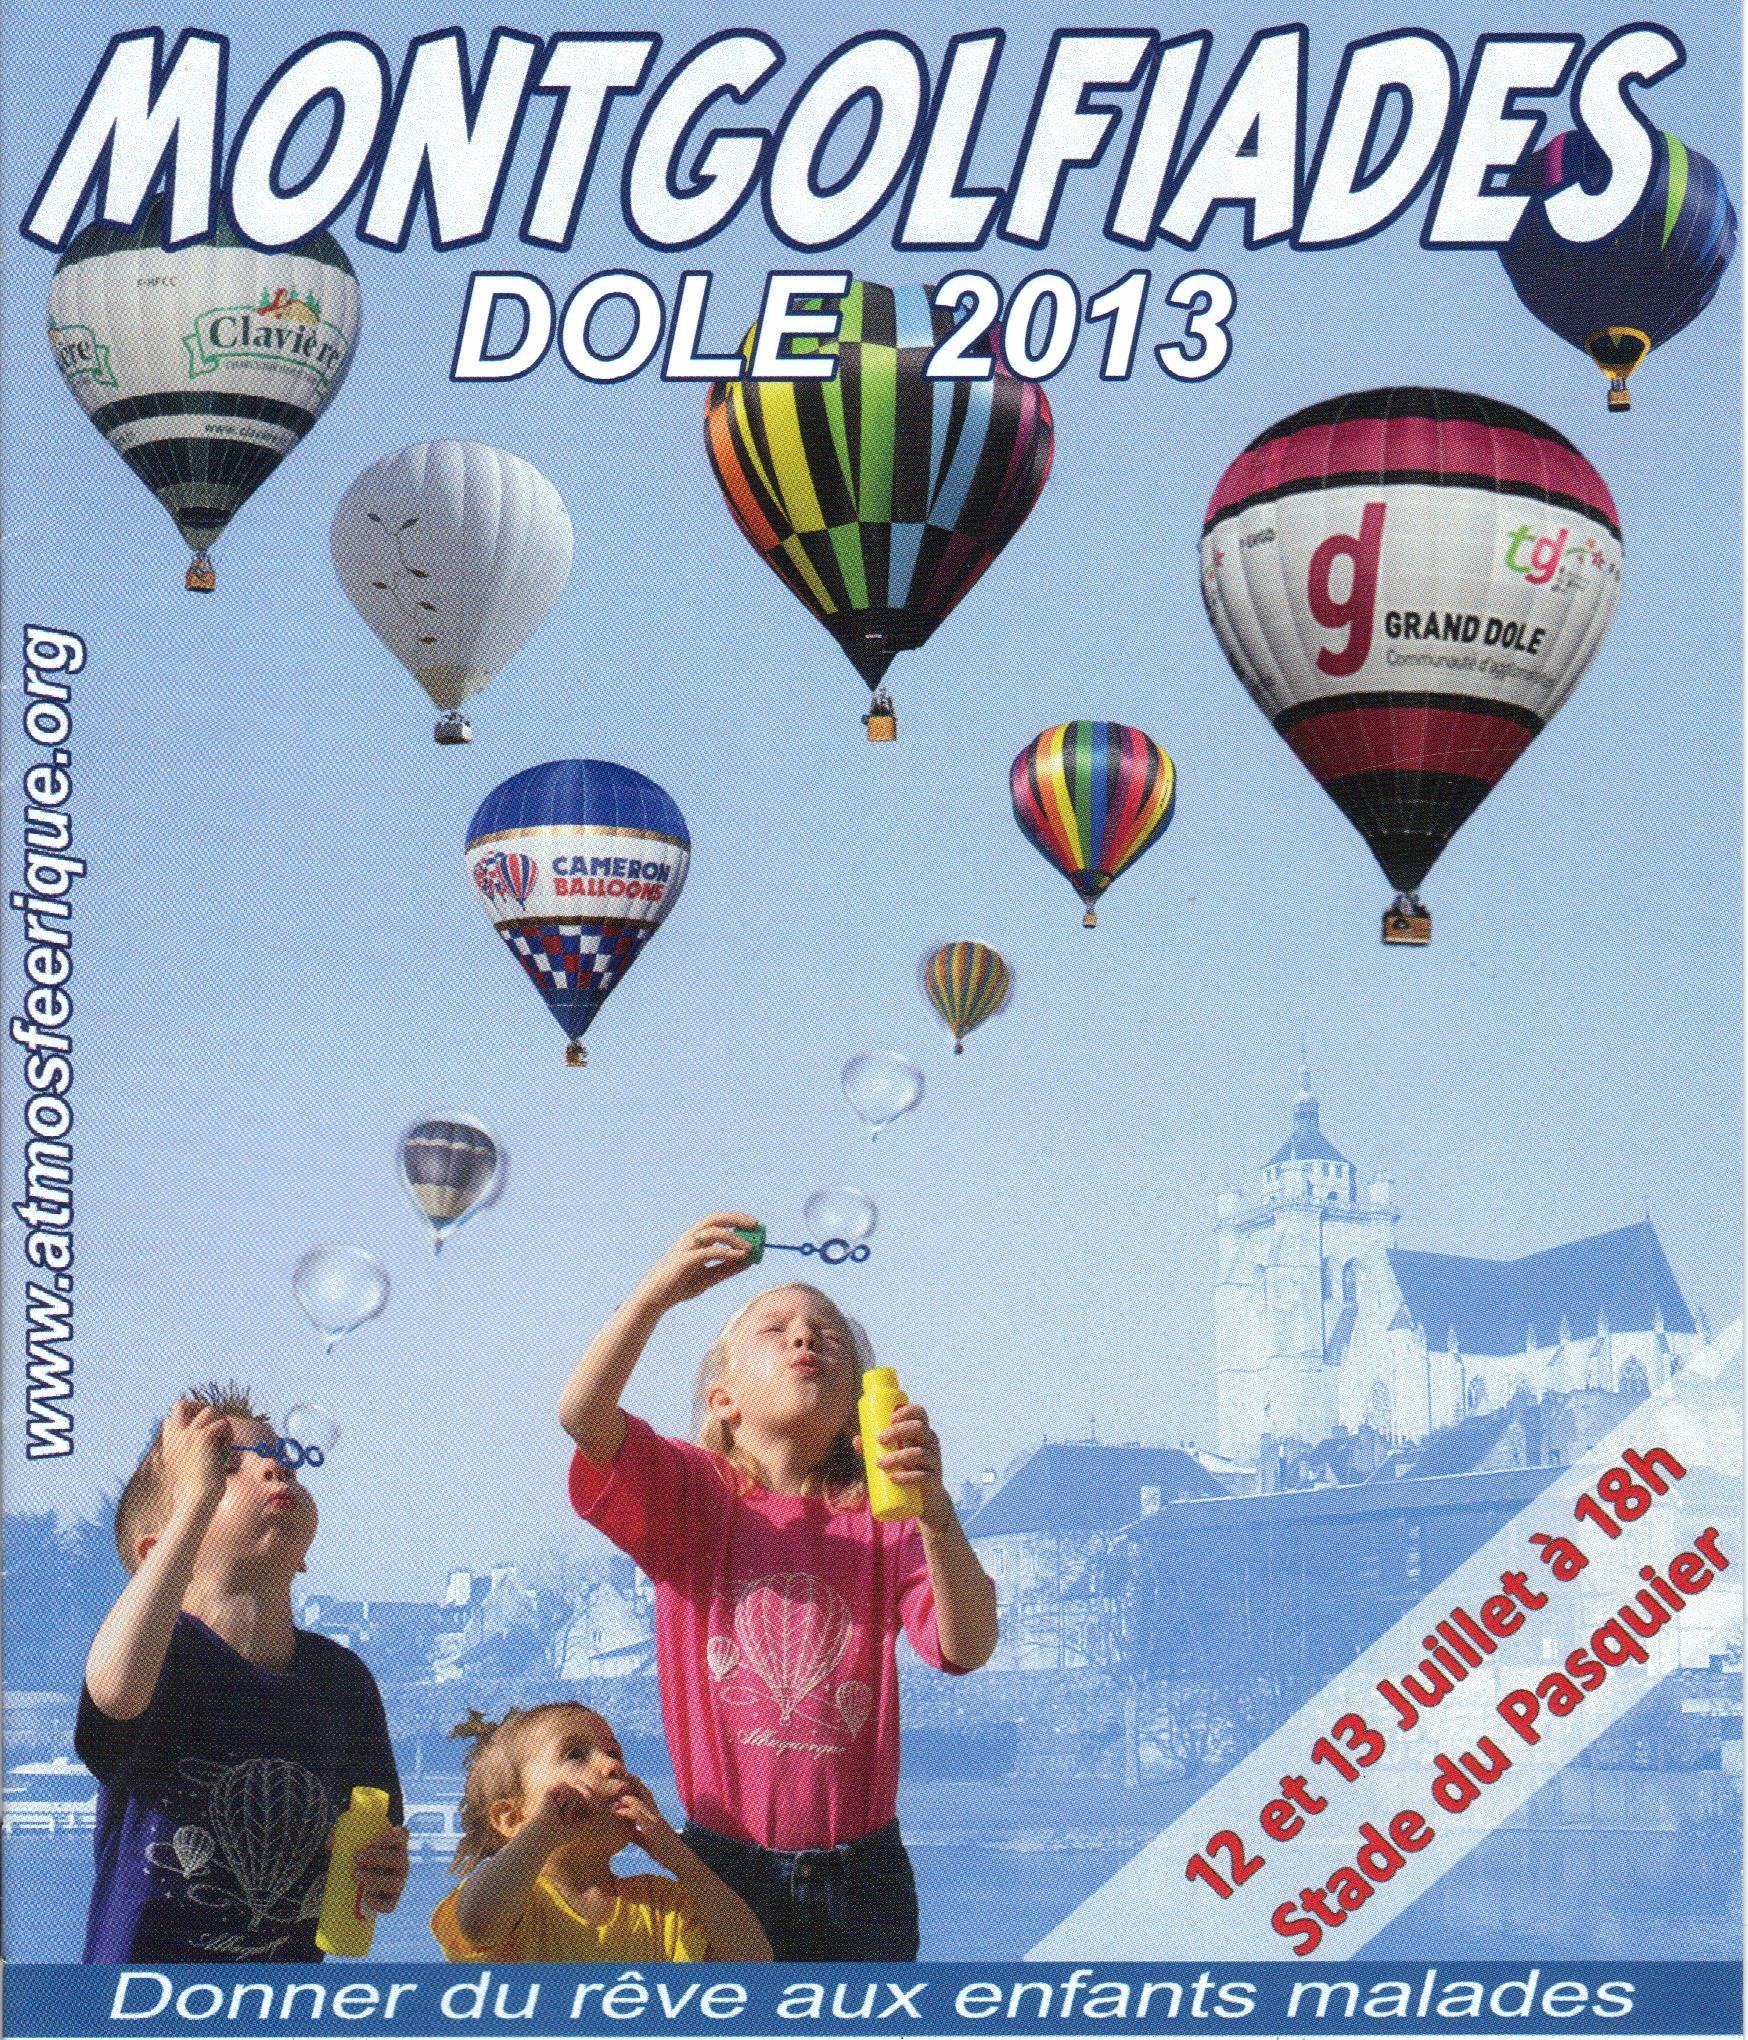 AFFICHE MONTGOLFIADES 2013 001